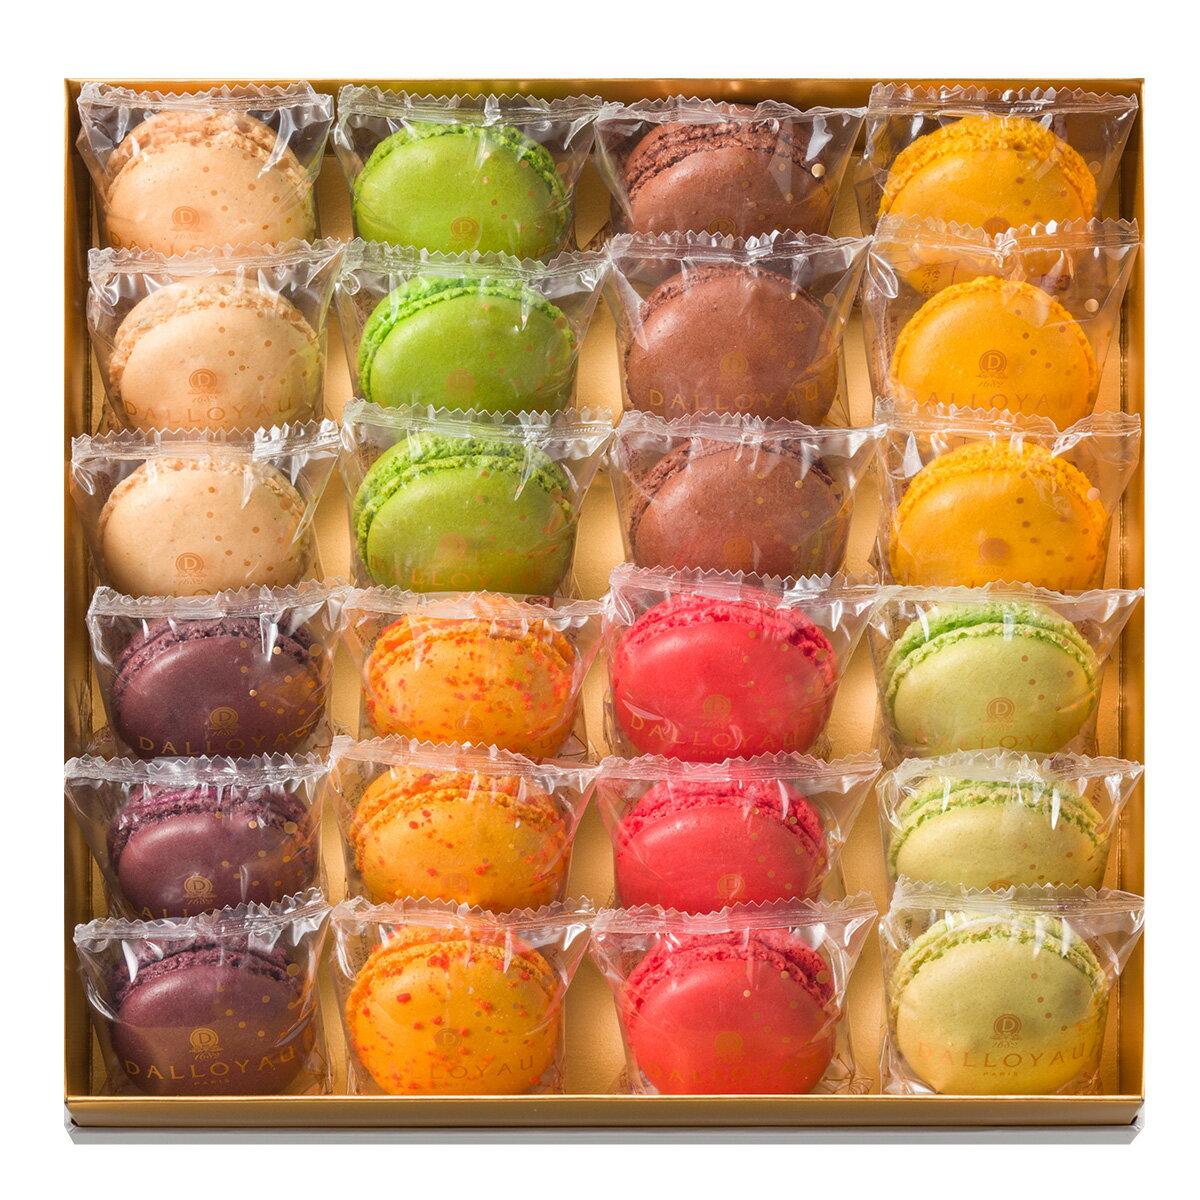 ダロワイヨハロウィンギフトお返し贈り物御祝御礼マカロン季節のマカロン(24個入)スイーツ洋菓子内祝快